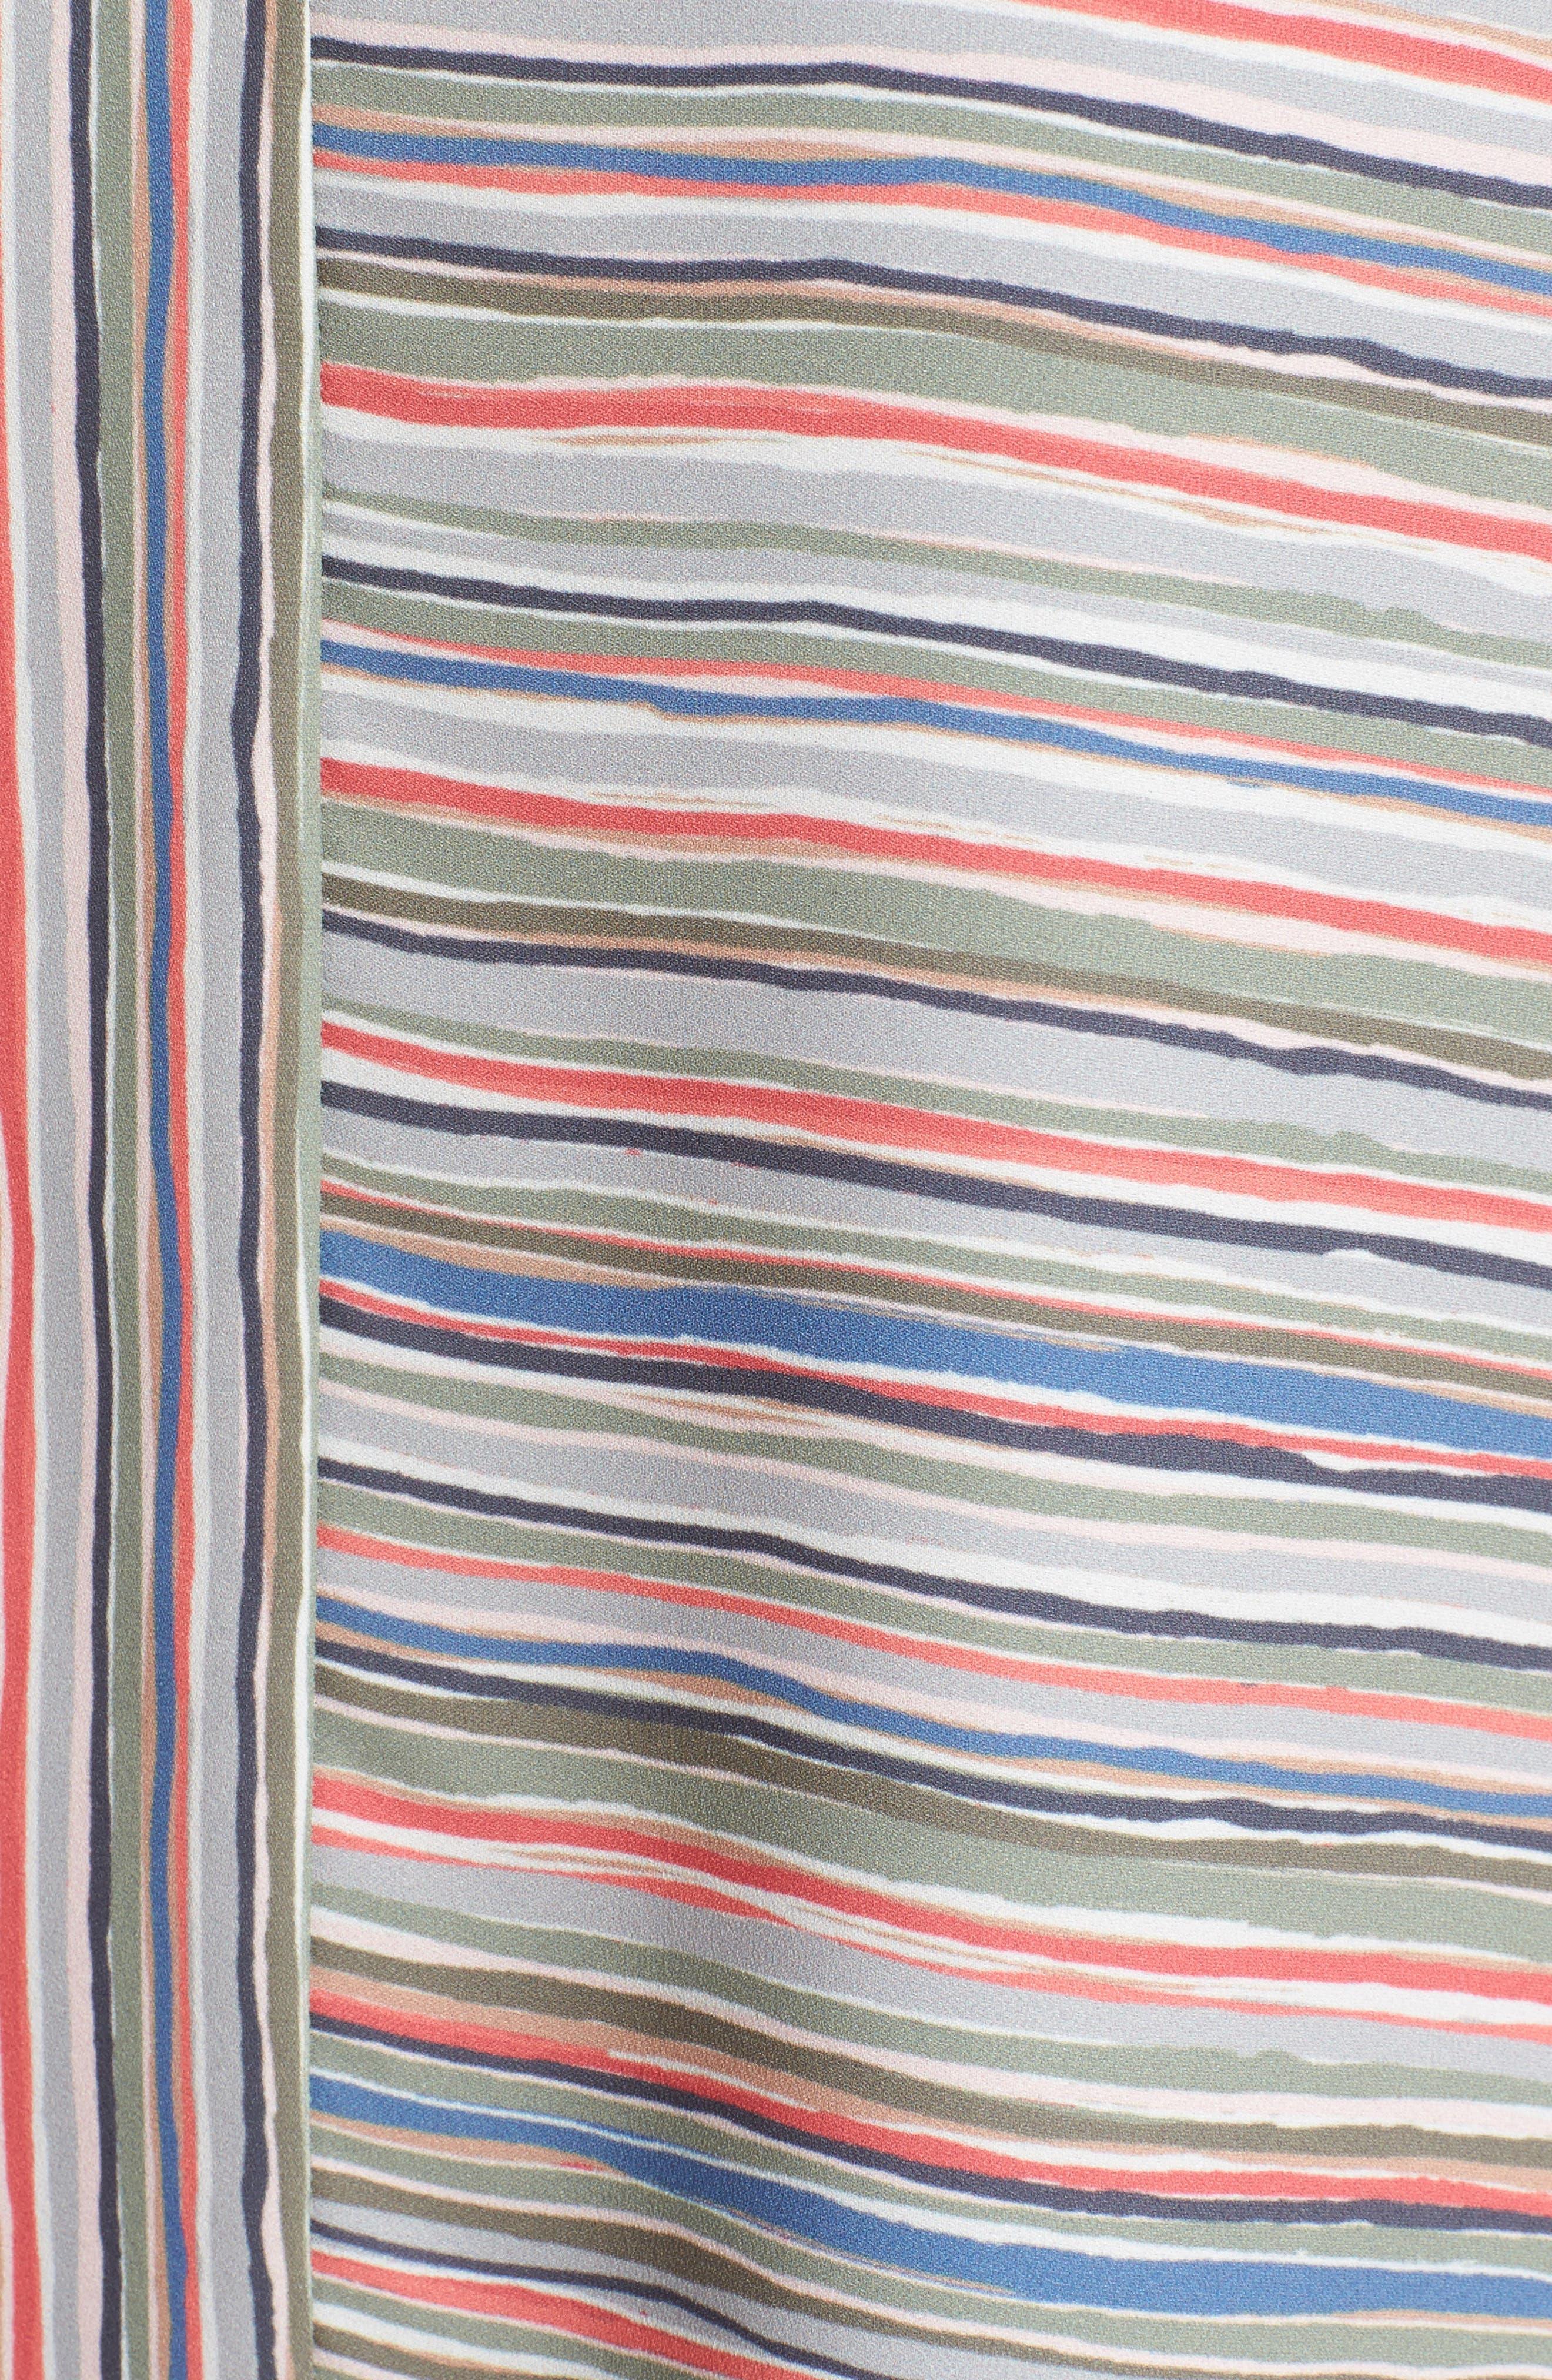 Cabana Stripe Tank,                             Alternate thumbnail 5, color,                             Multi